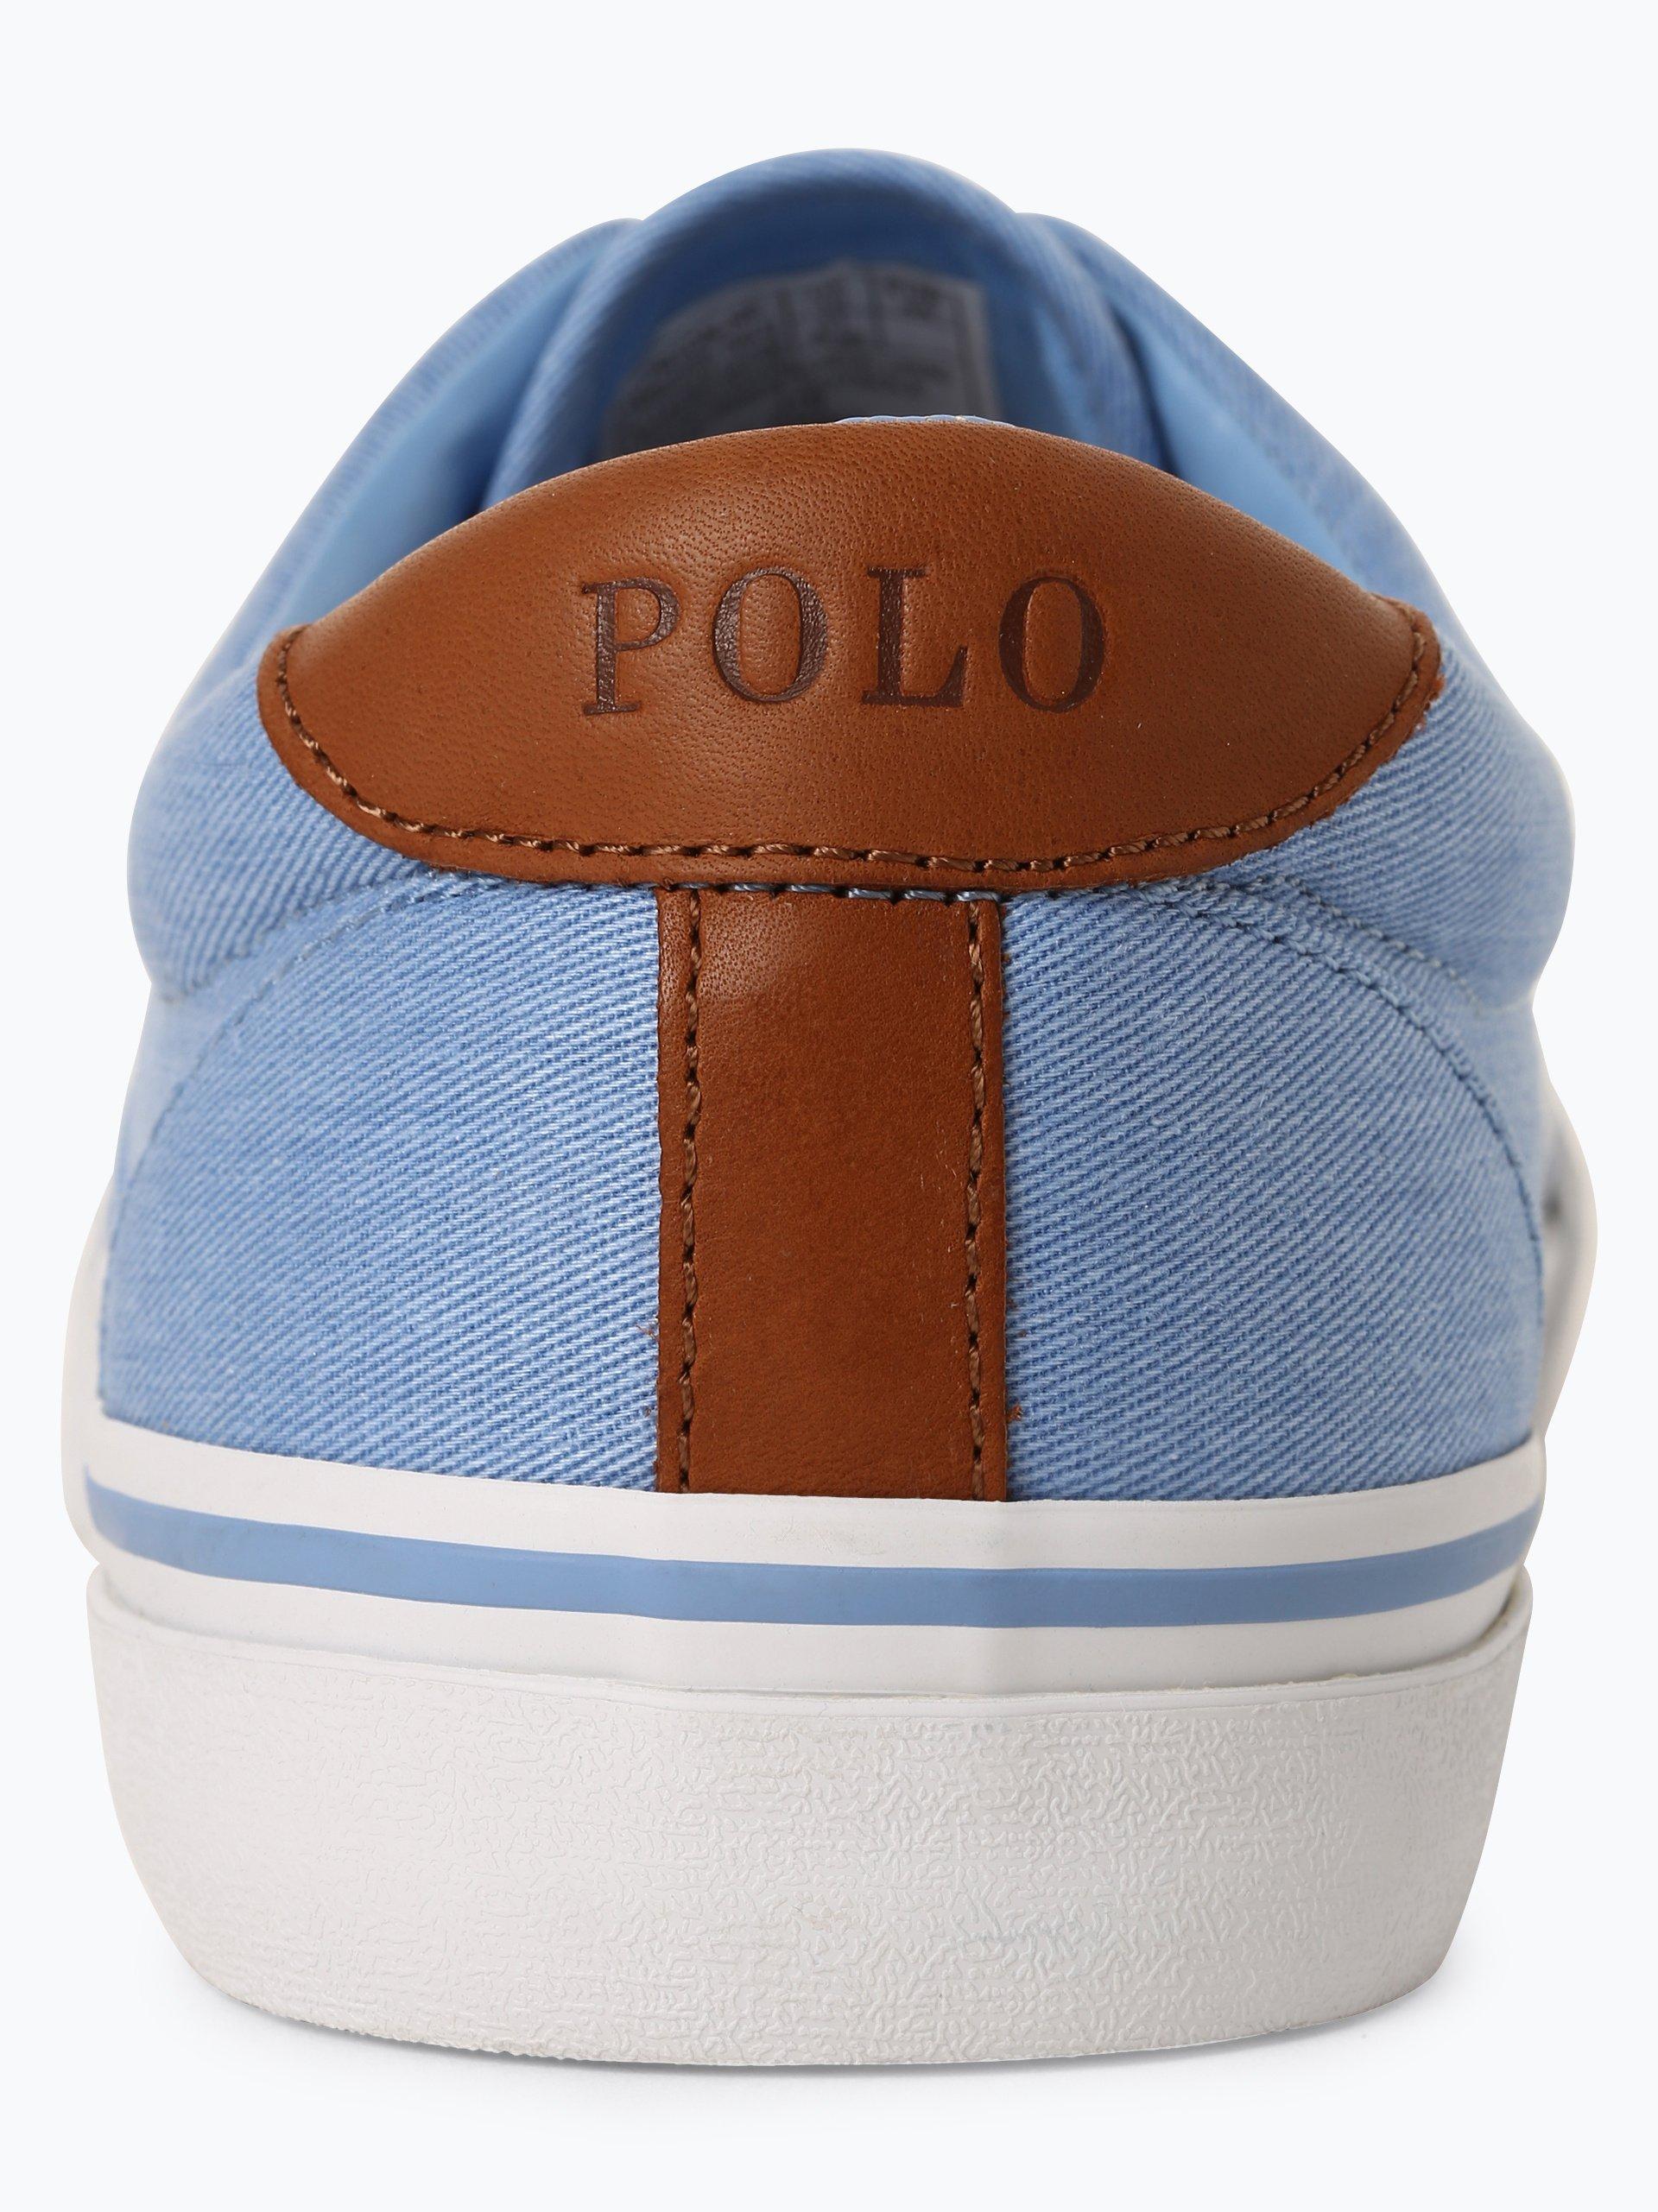 Polo Ralph Lauren Tenisówki męskie z dodatkiem skóry – Thorton